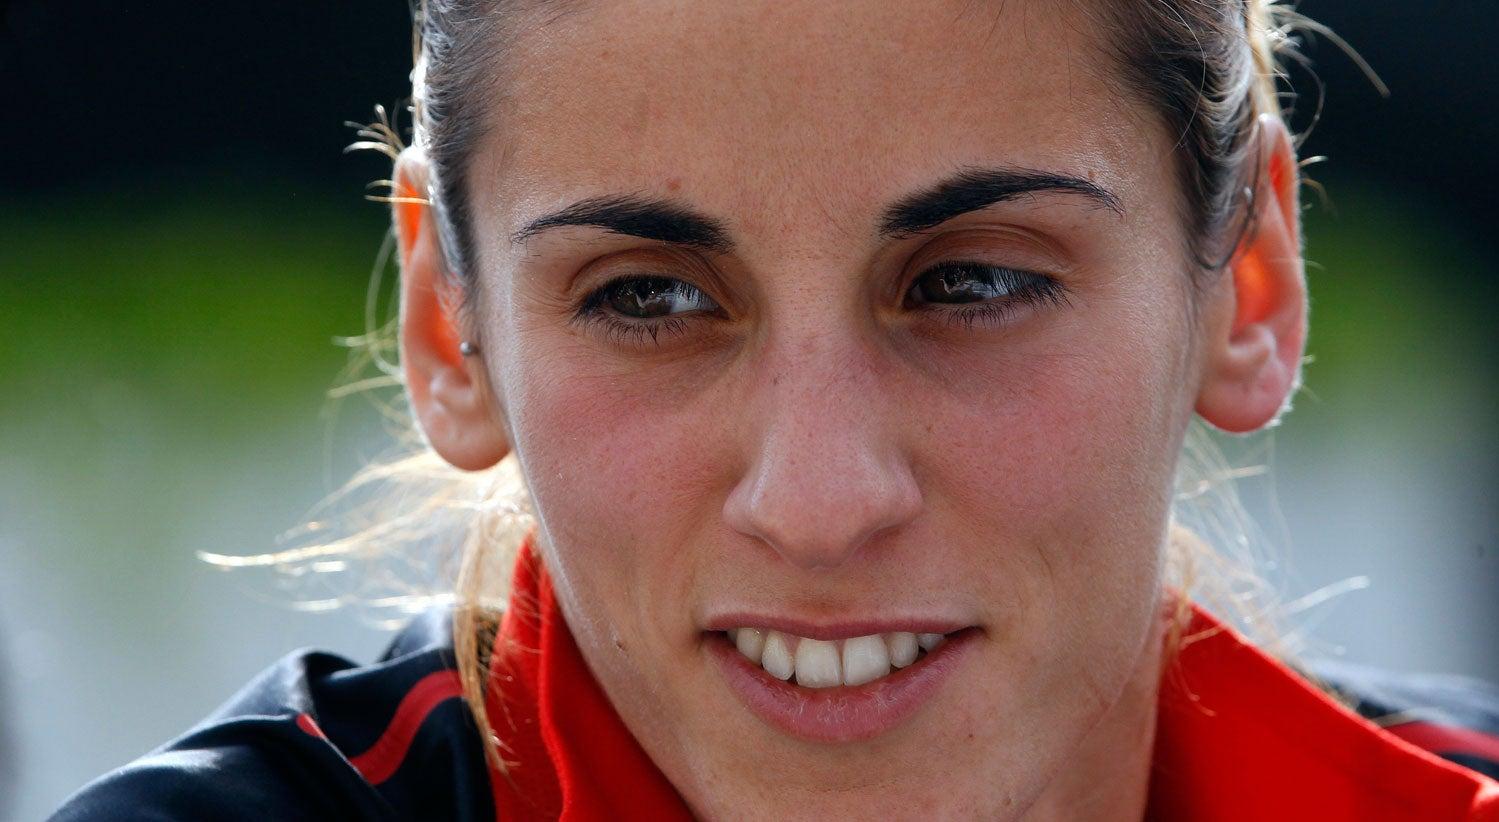 Jessica Augusto vence campeonato nacional de corta-mato